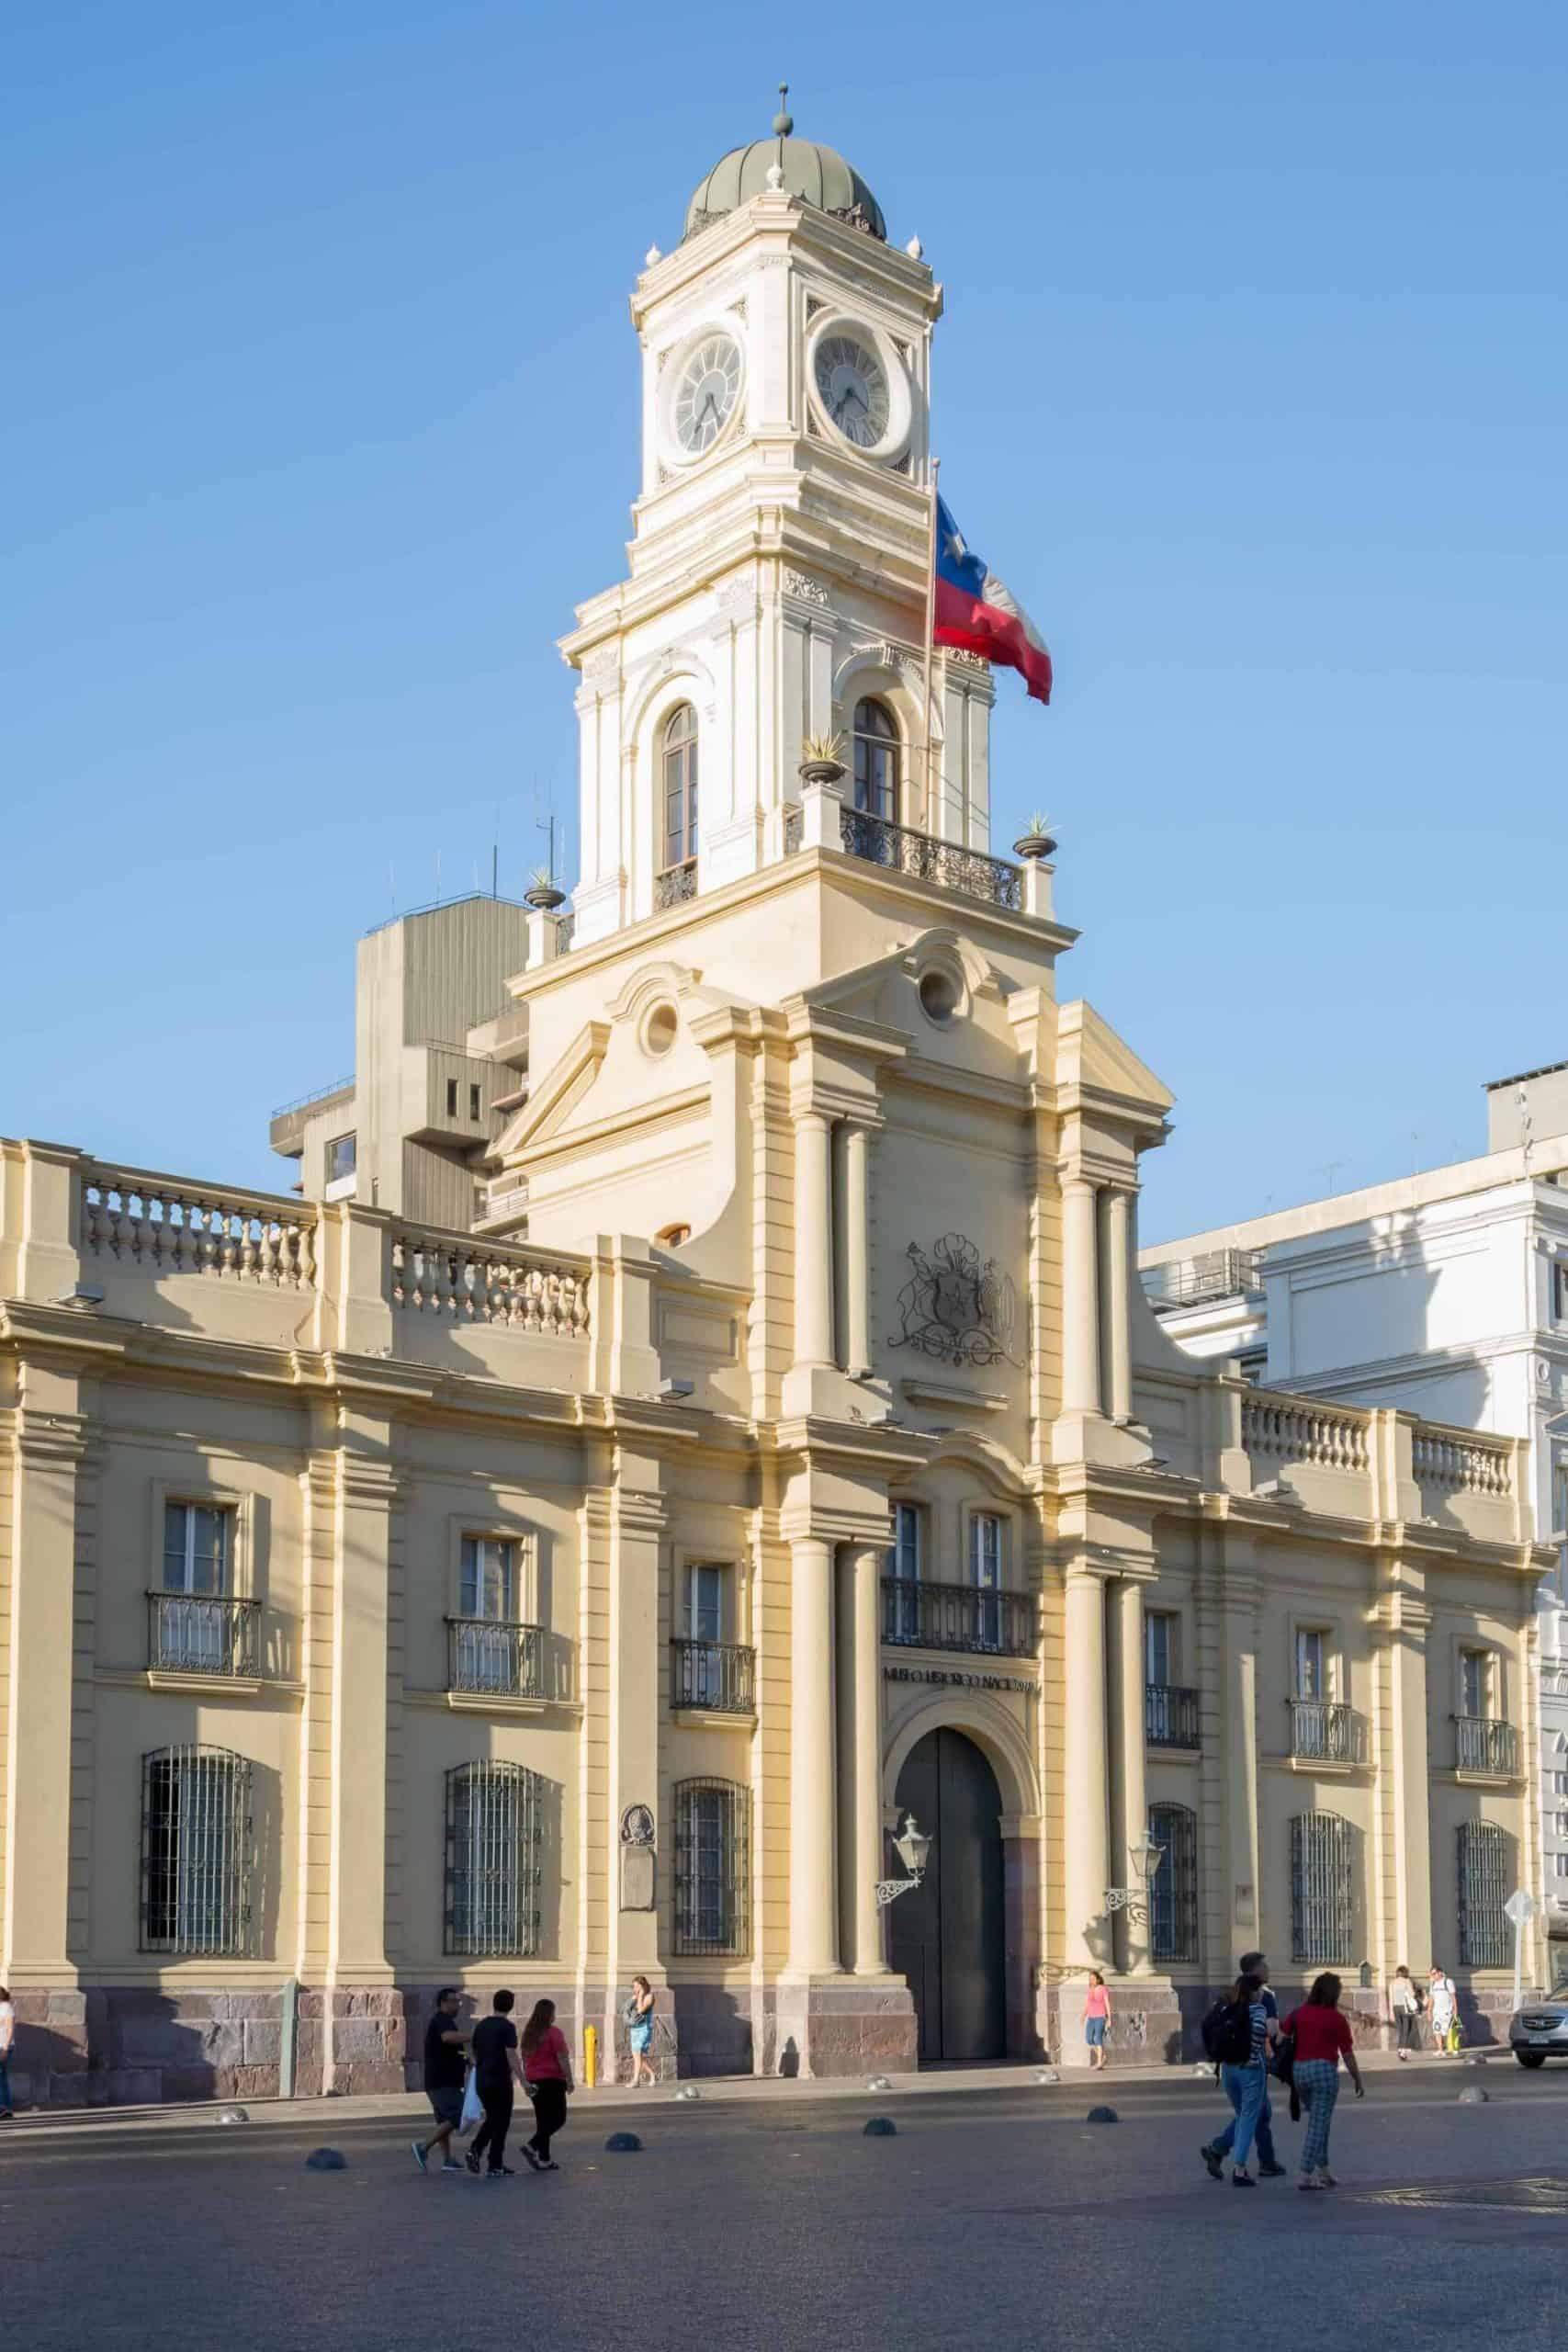 santiago_essential_point2_nationalhistorymuseum_Palacio_de_la_Real_Audiencia,_Santiago_20191204_12